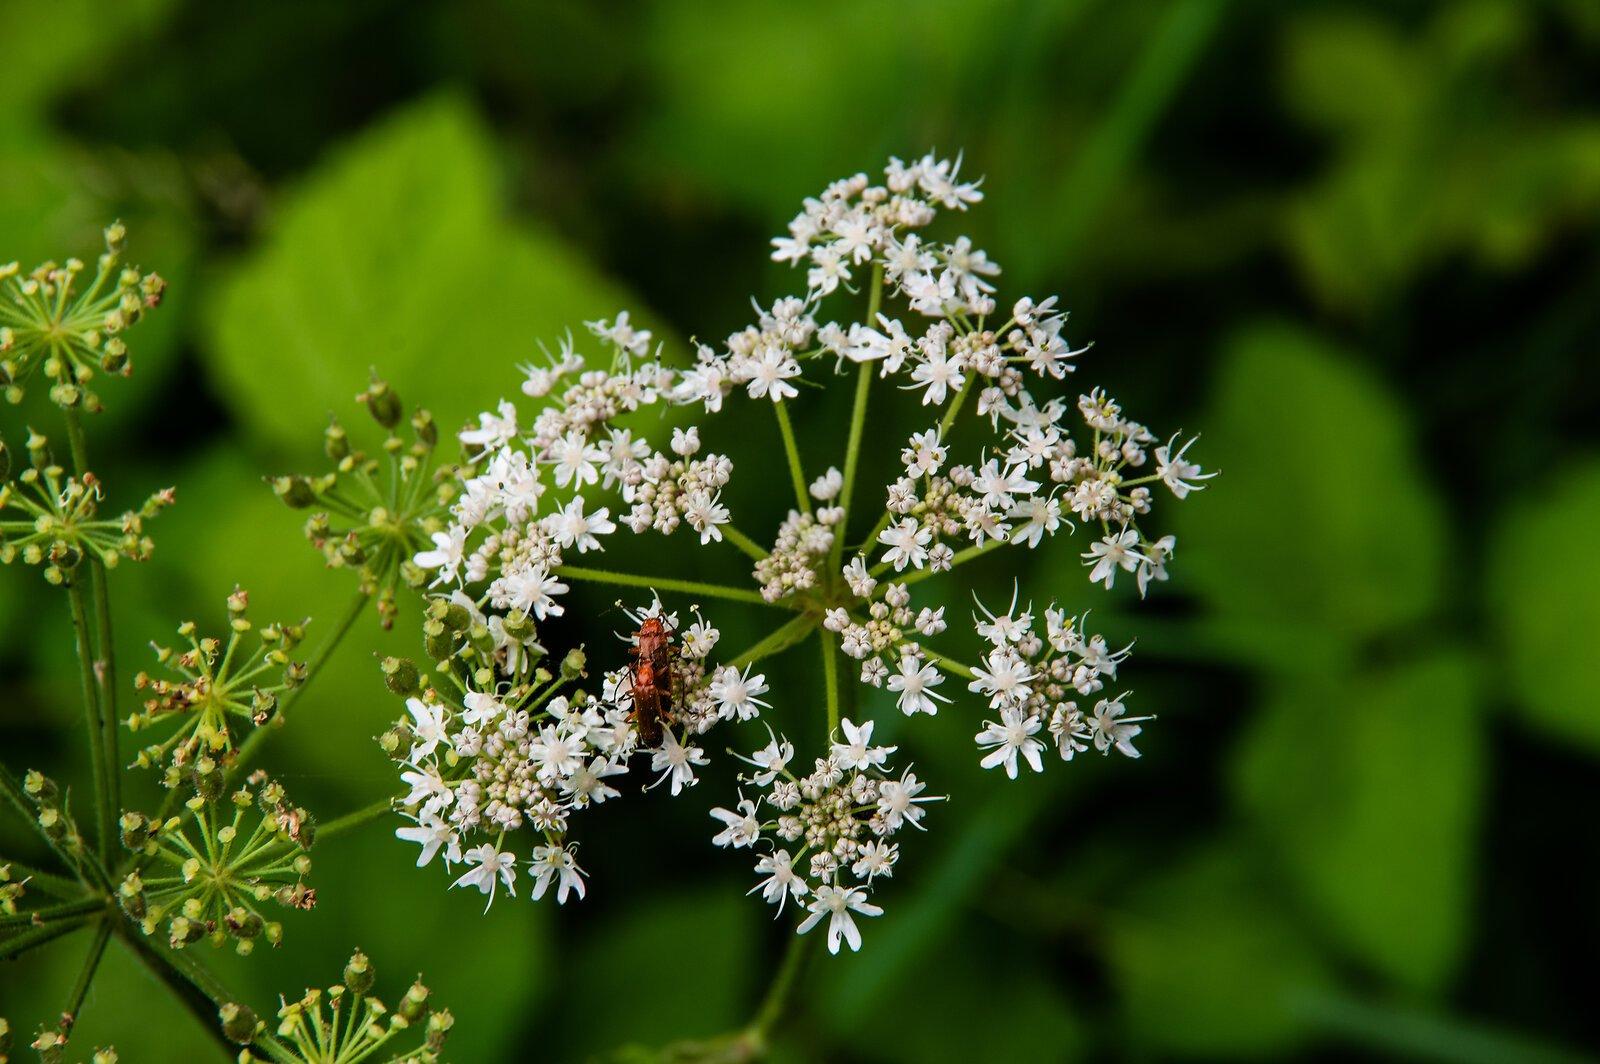 Käfer auf weiss.jpg